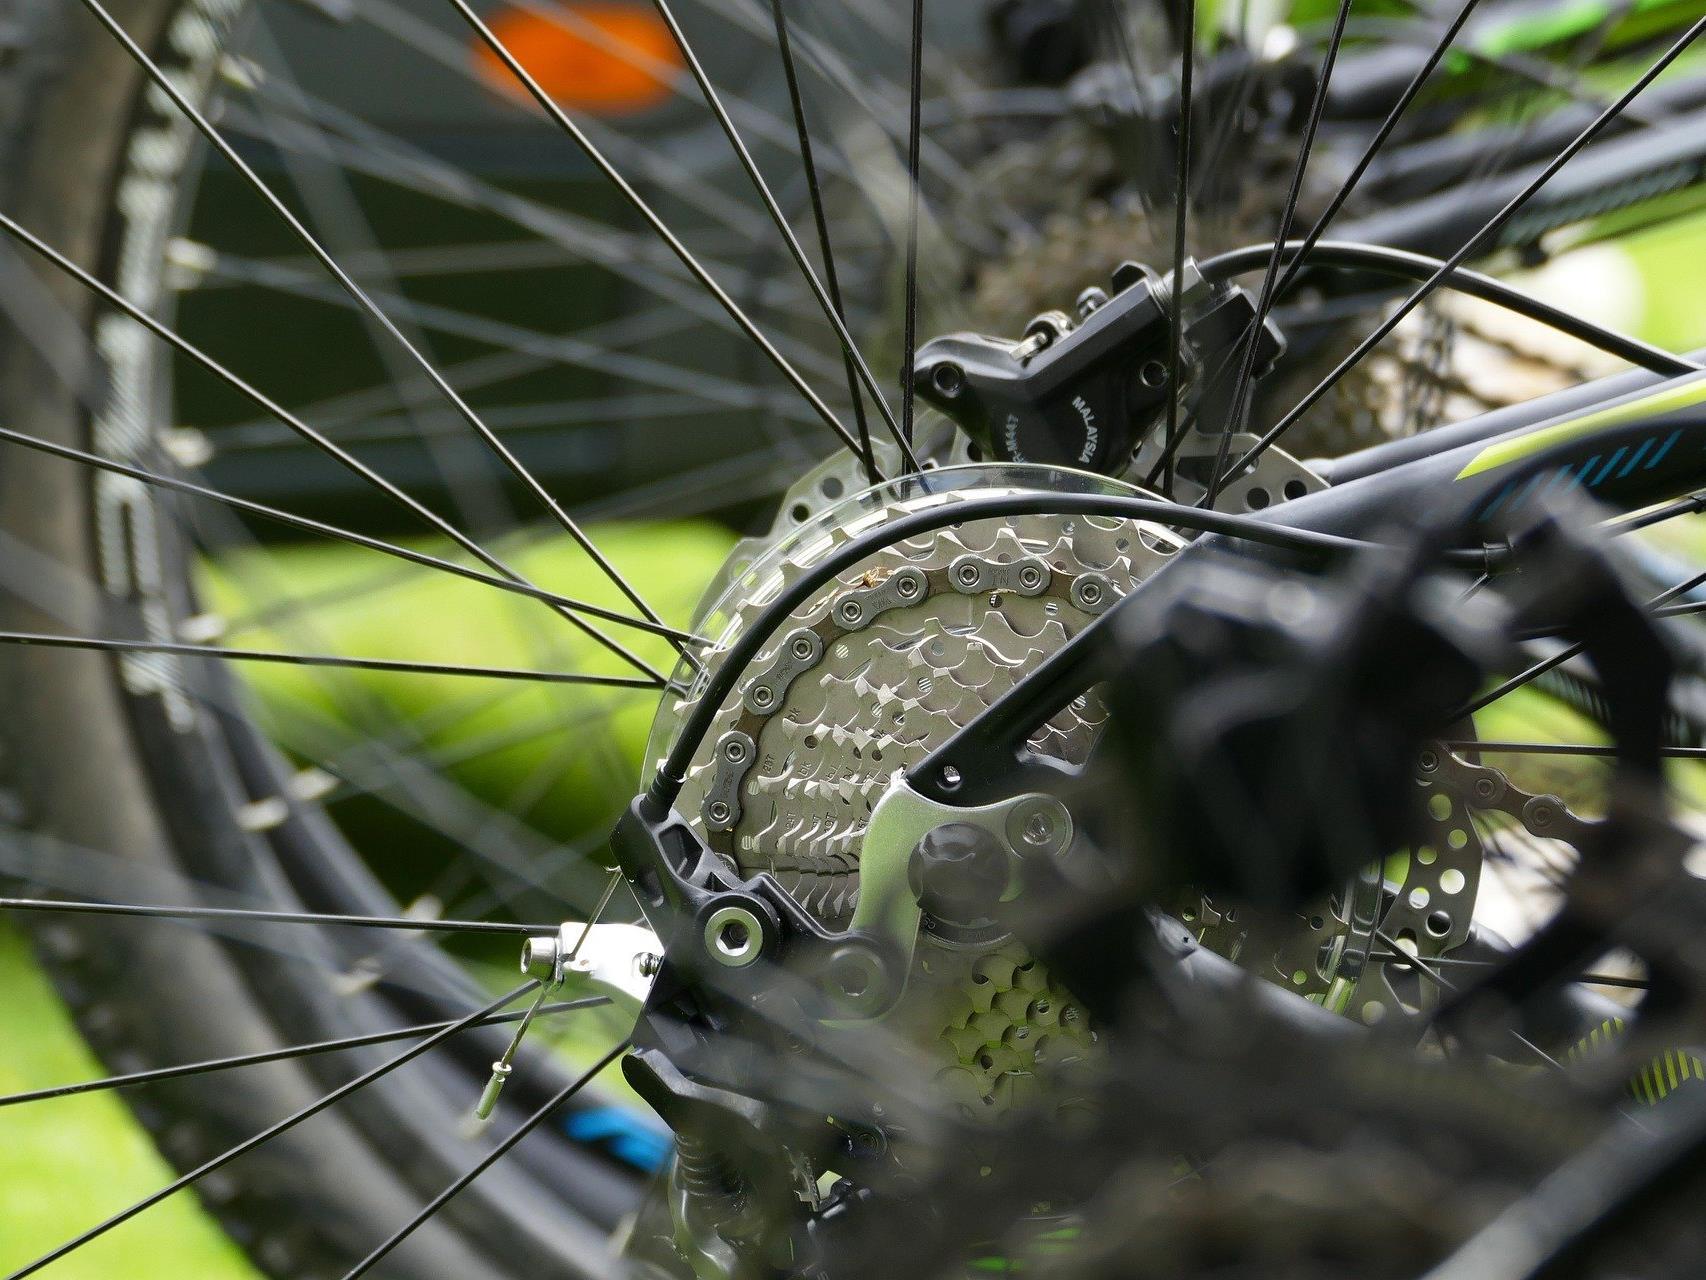 Großes Angebot an Rädern beim Fahrrad-Flohmarkt in Wien-Landstraße